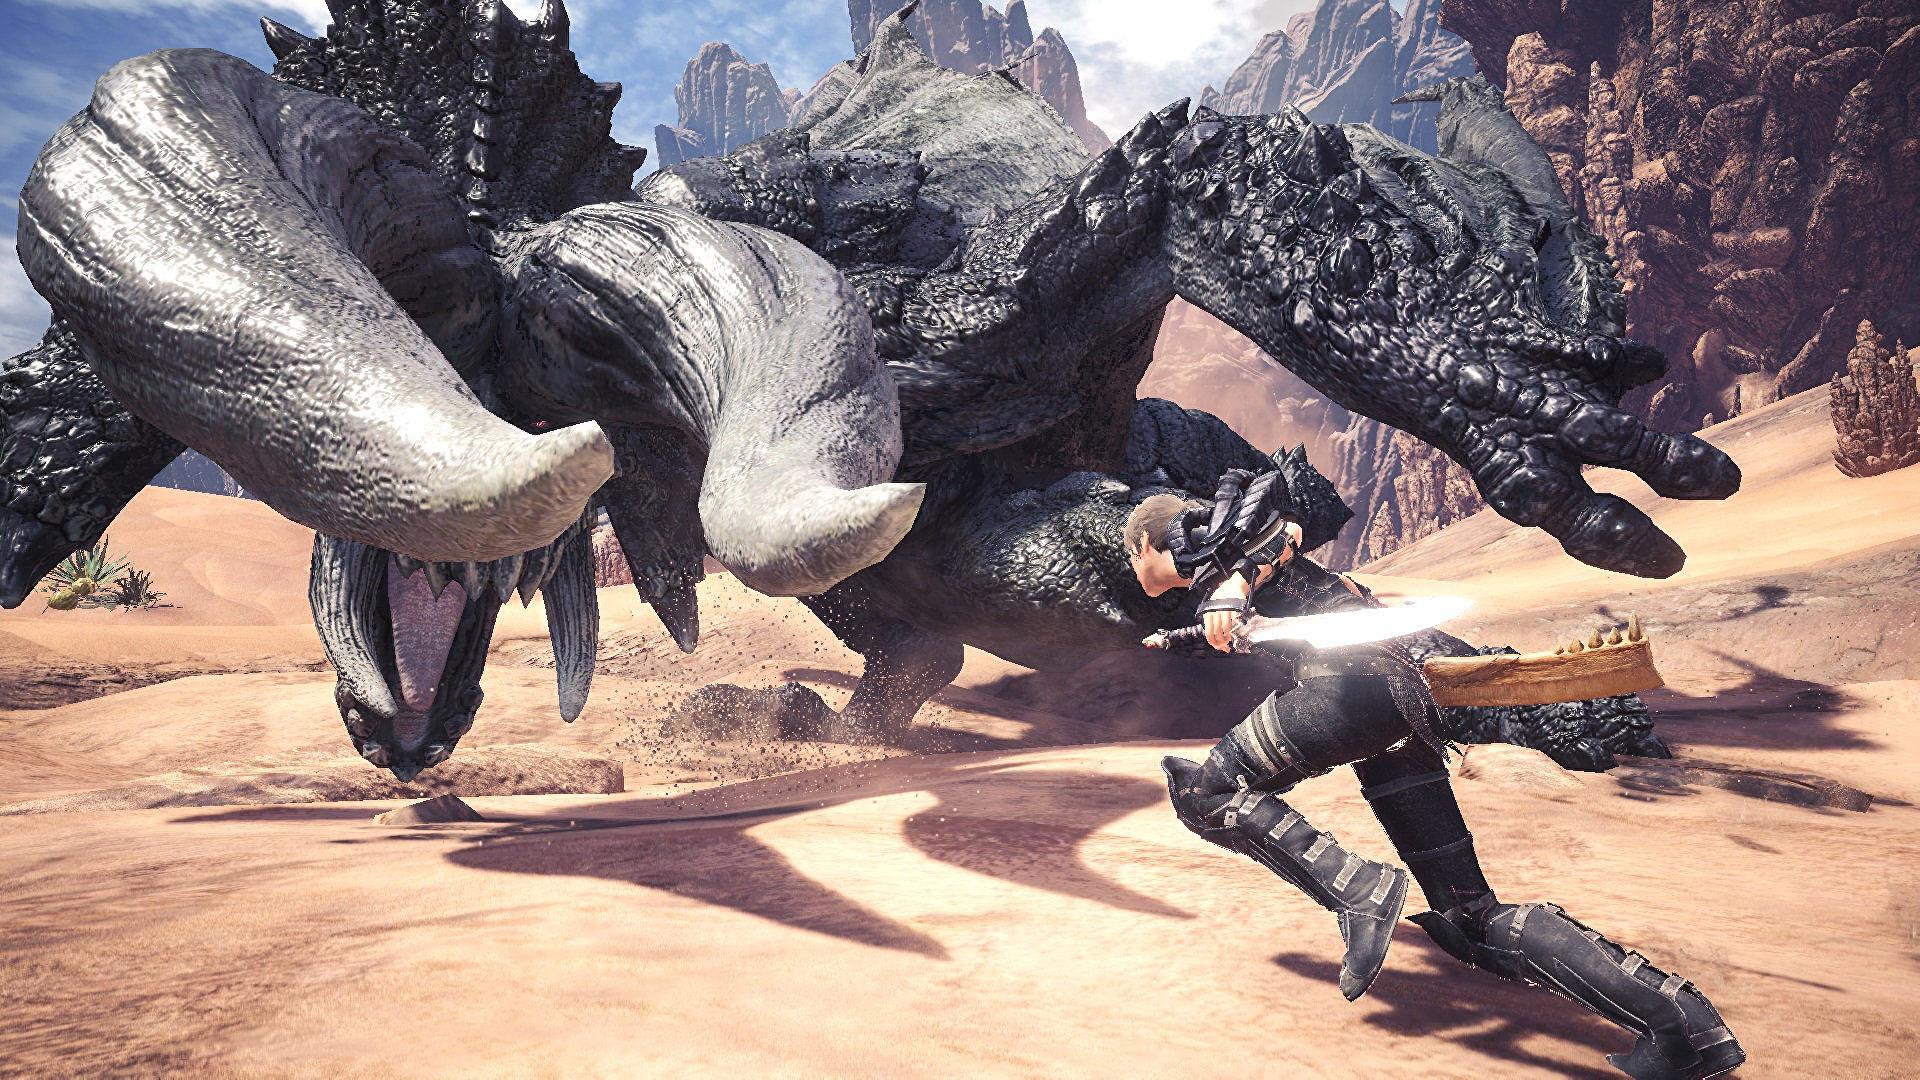 爆料人看错 索尼没有给《怪猎世界》延后登PC付钱